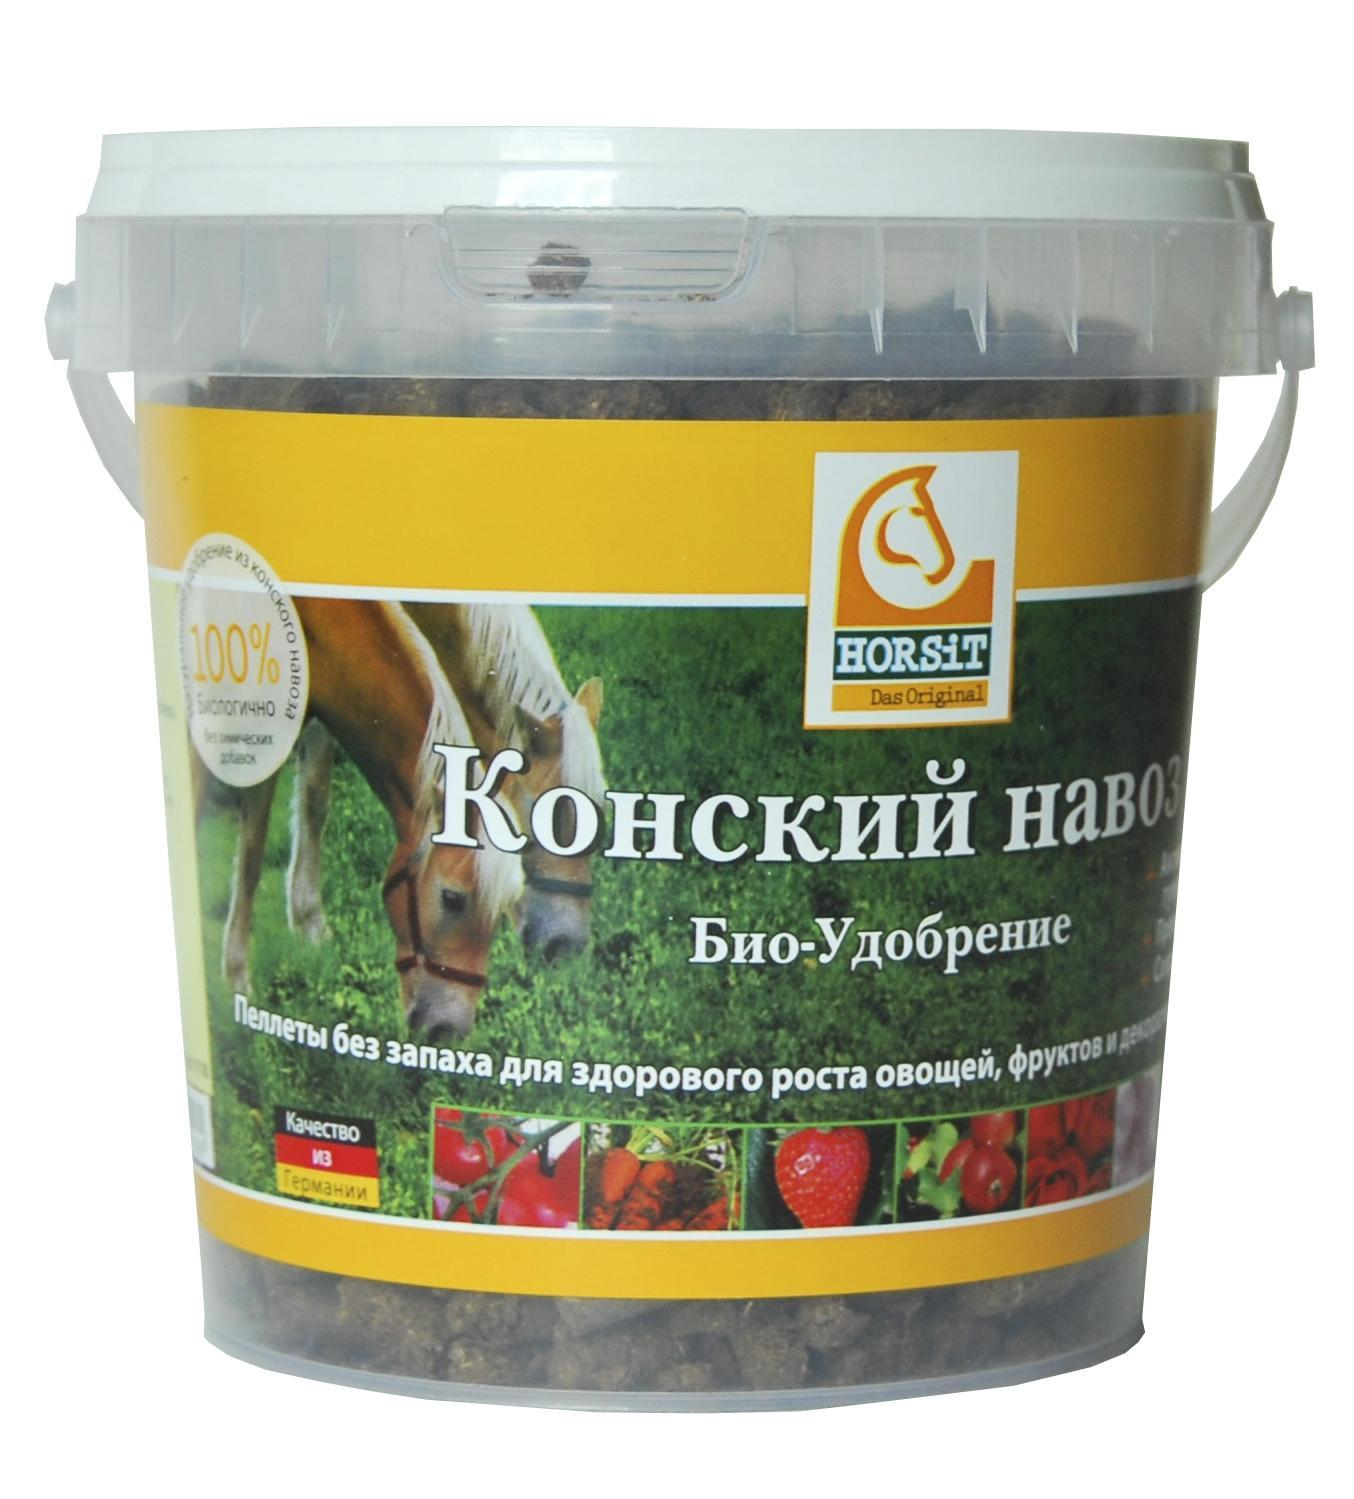 Био-удобрение Horsit Конский навоз, 1,18 л391602Био-удобрение Horsit Конский навоз - это натуральное экологически чистое средство на основе 100% конского навоза, в виде пеллет без запаха. Способствуют здоровому росту овощей, фруктов и декоративных растений. Преимущества:• Активирует гумусообразование Поддерживает естественную микробиологическую жизнедеятельность грибов, бактерий и дождевых червей, что способствует увеличению плодородия почвы. • Проветривает почву Благодаря ярко выраженному набуханию пеллет почва разрыхляется. При этом потребление питательных веществ растениями увеличивается до 40%. • Сохраняет влагу Пеллеты впитывают влагу, в три раза больше собственного веса, и удерживают ее долгое время. Благодаря этому, расход воды для полива сокращается на 50%. Органическое РК-удобрение (0,3:1,4).Действует целый сезон (до 6 месяцев)! Достаточно на 15 кв.м. почвы. Характеристики:Состав: 100% конский навоз. Объем: 1,18 л. Действующие вещества: 0,32% азот общий, 0,041% аммонийный азот, 0,3% общий фосфат, 1,39% оксид калия общий, 0,36% оксид кальция, 75% органическая субстанция. Срок действия: 6 месяцев.